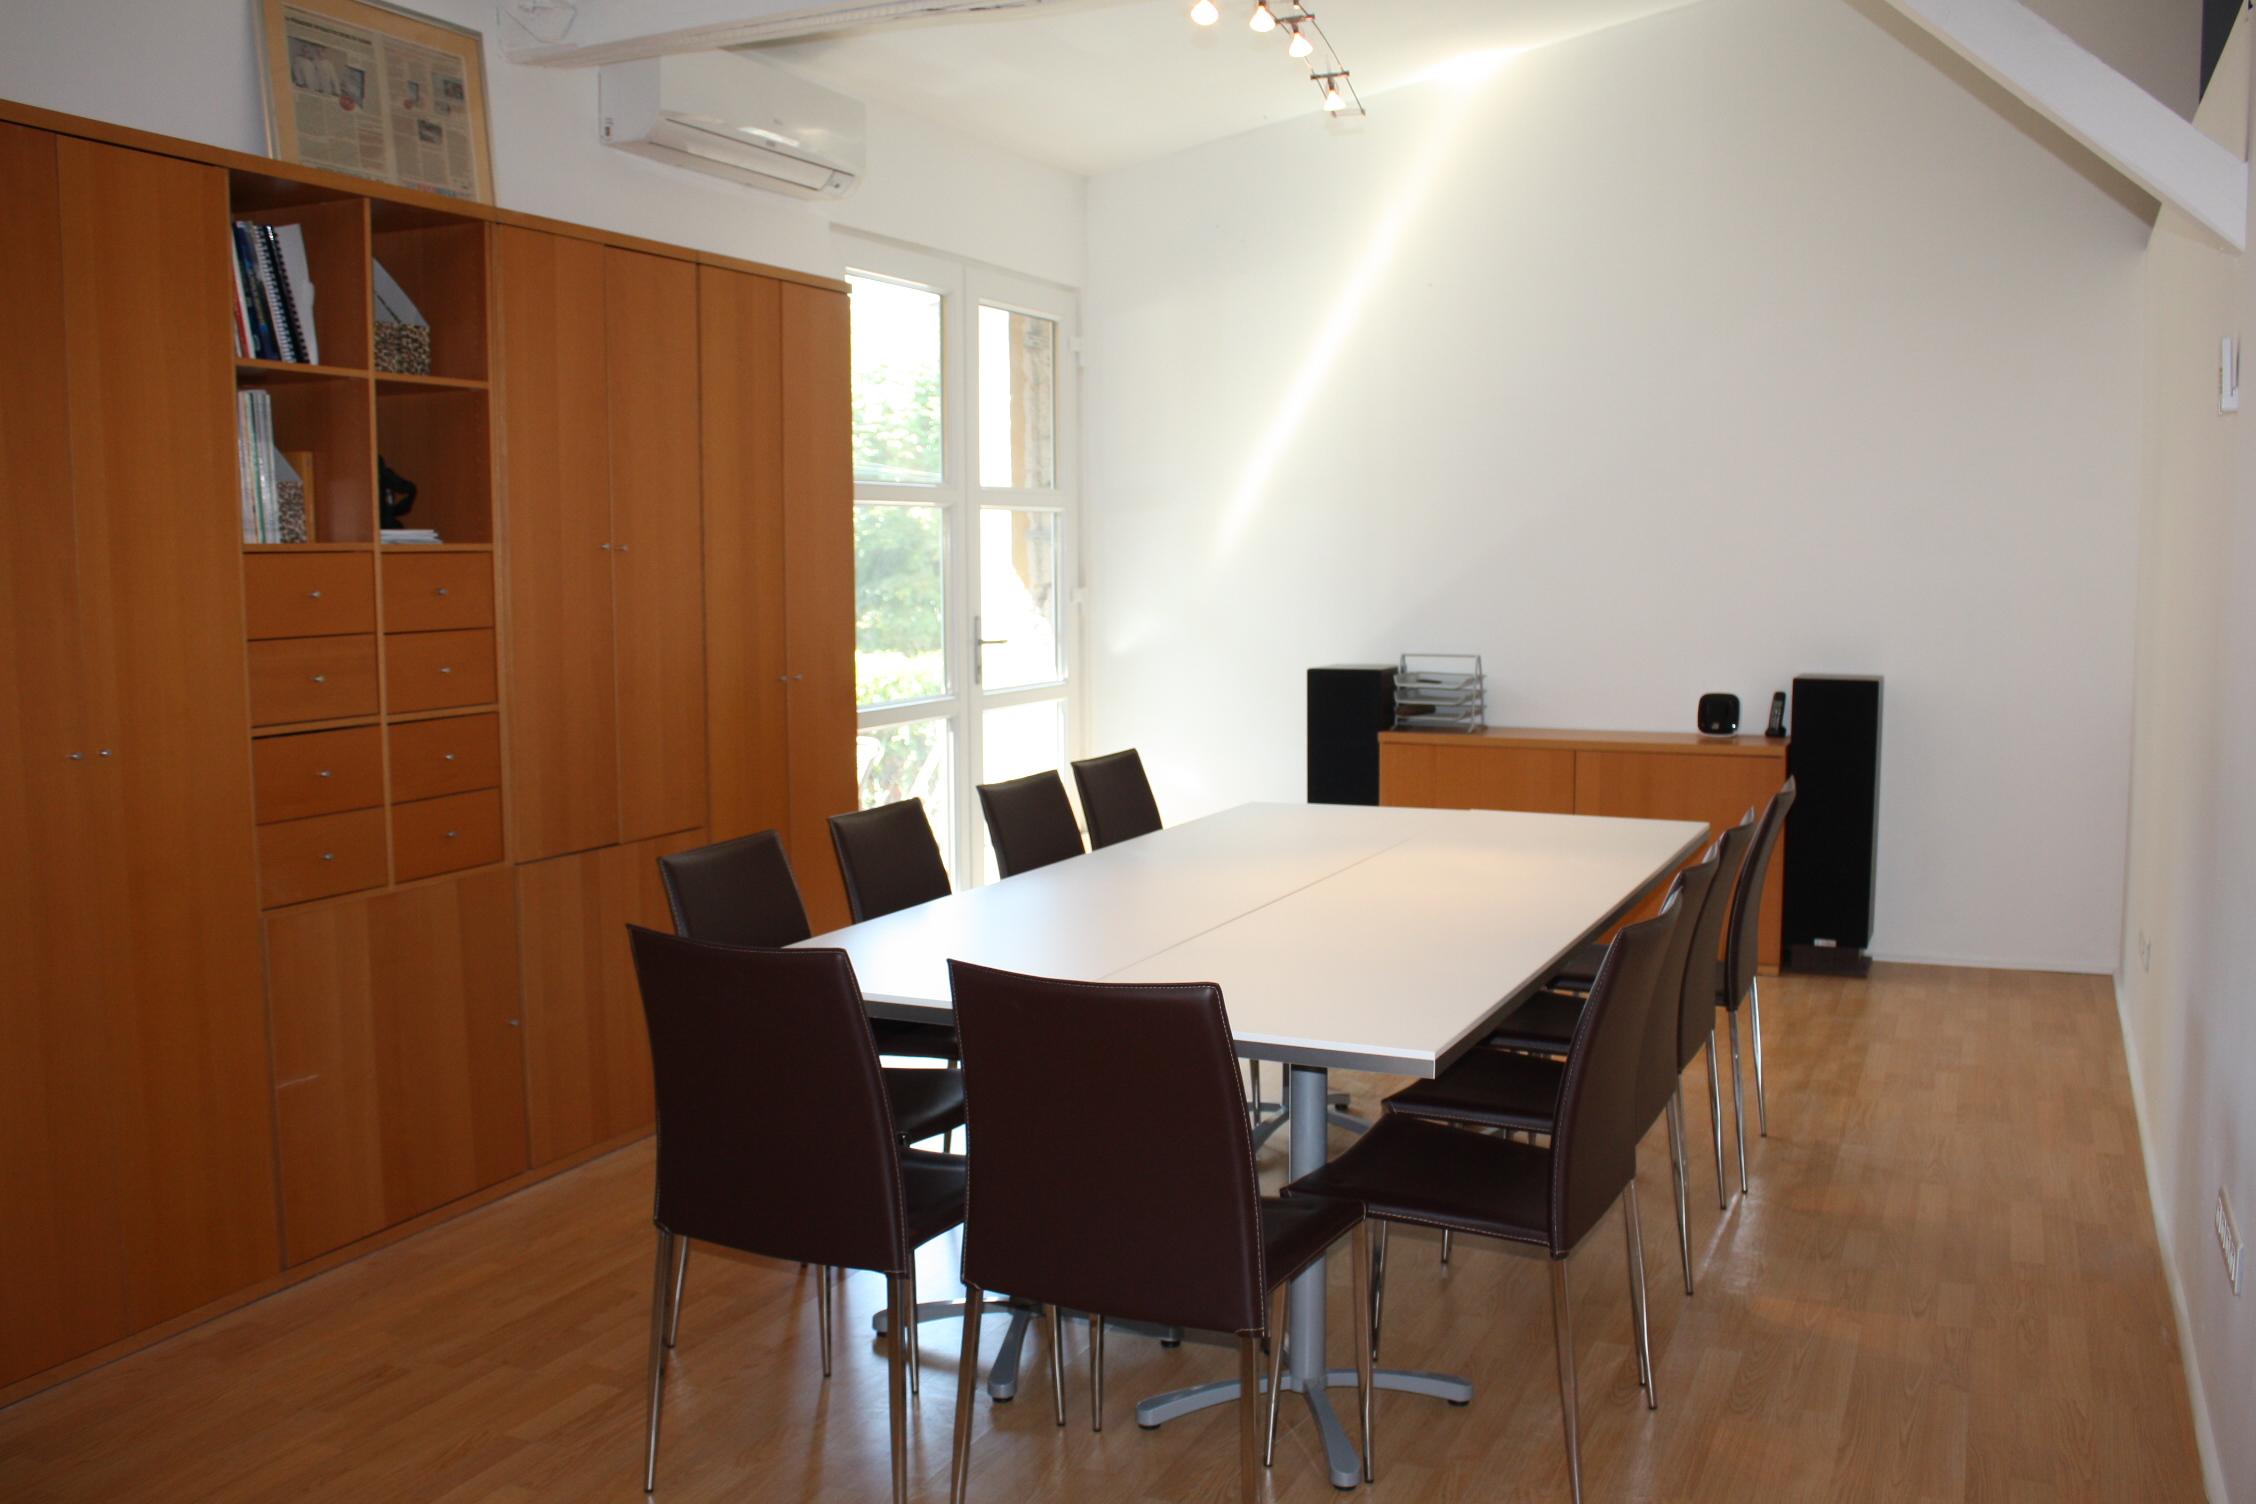 louer une salle strasbourg. Black Bedroom Furniture Sets. Home Design Ideas